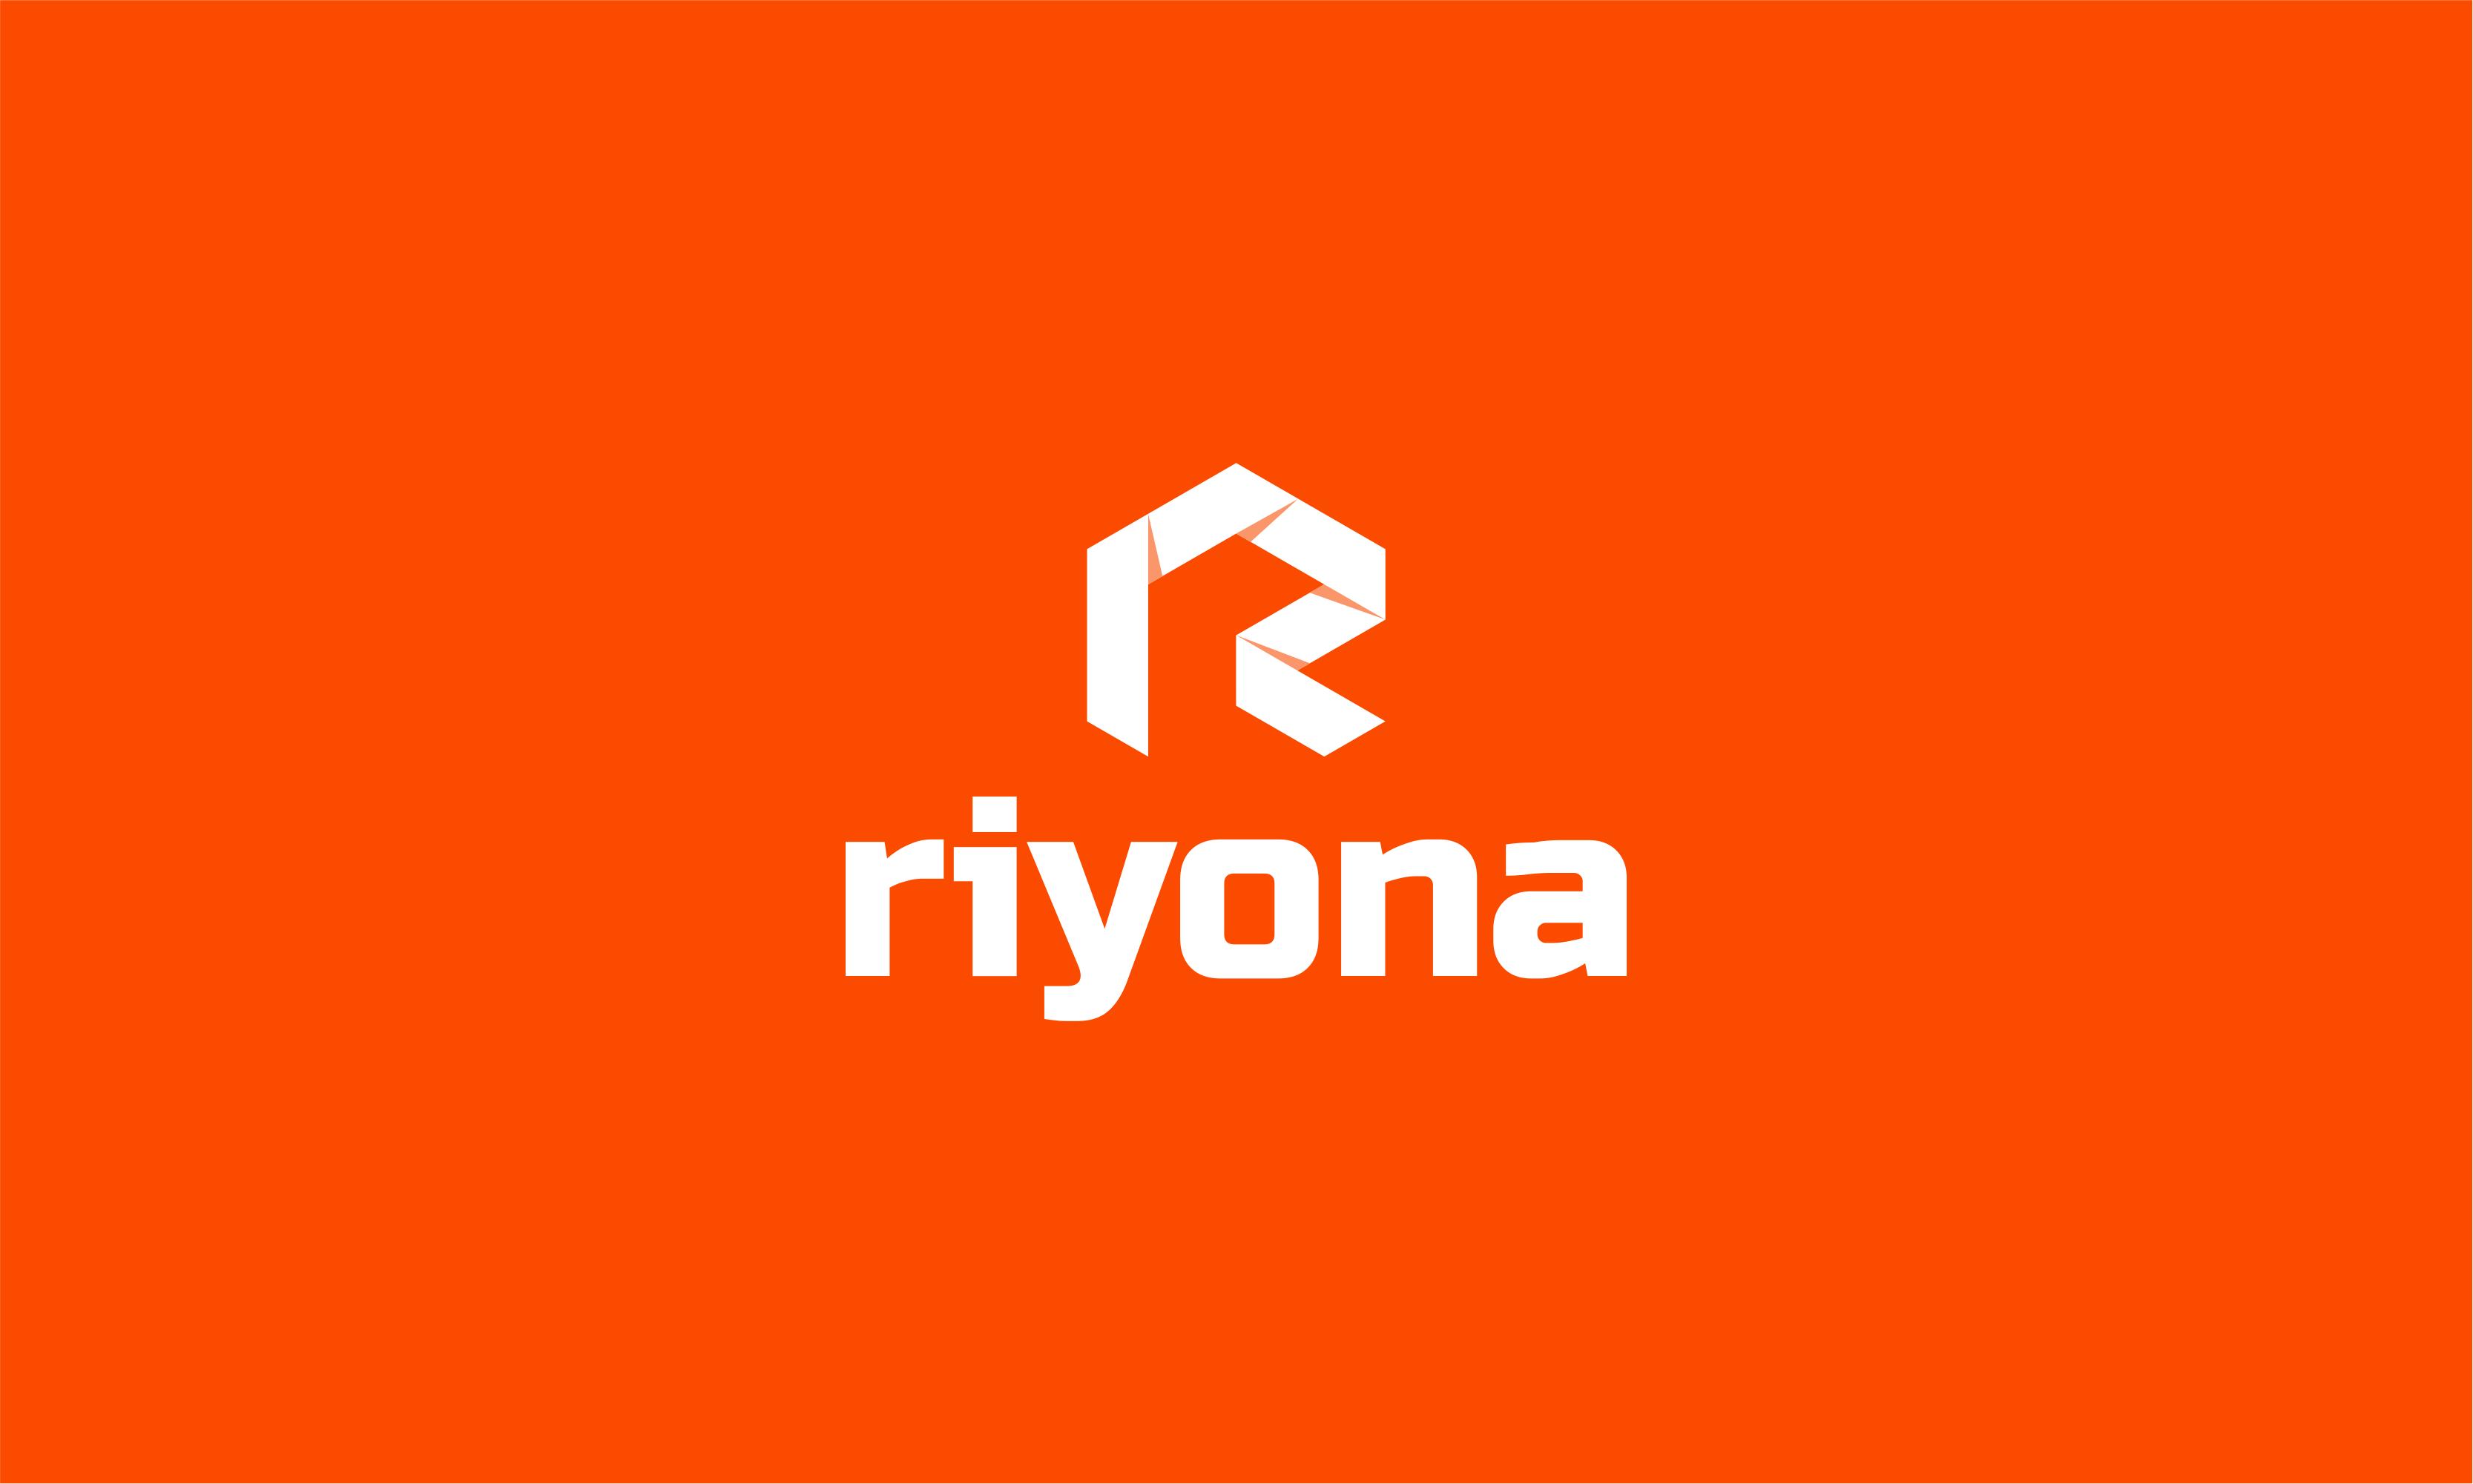 riyona